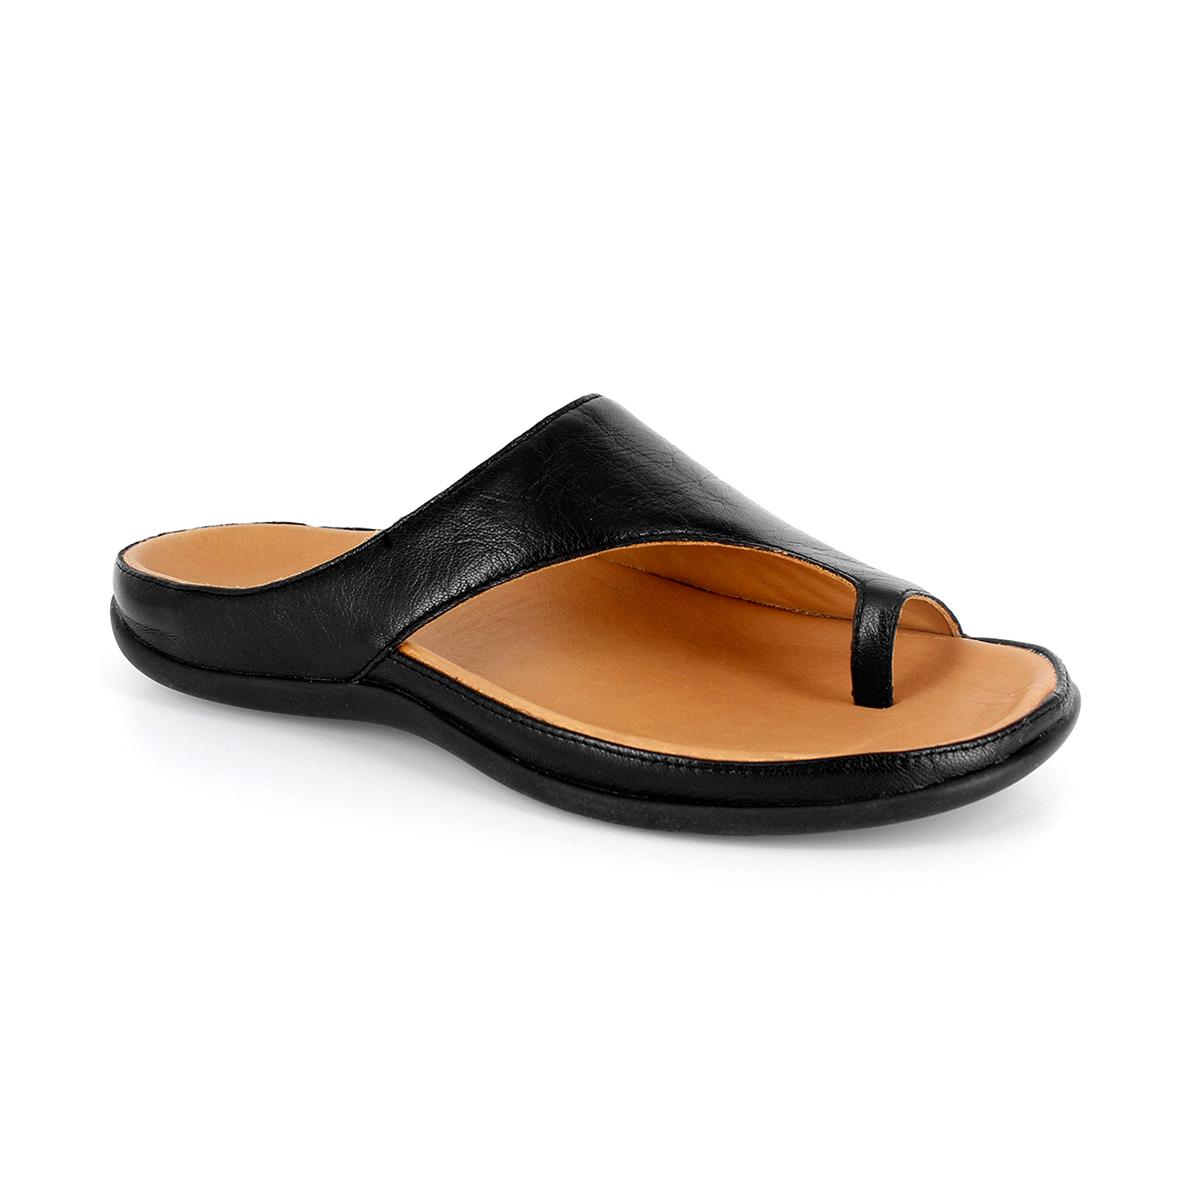 スニーカー感覚で歩き回れる「サンダル」|CAPRIレザーインソール (22-22.5cm) 独自開発の立体インソールで、スニーカーみたいに歩き回れる「サンダル」|strive